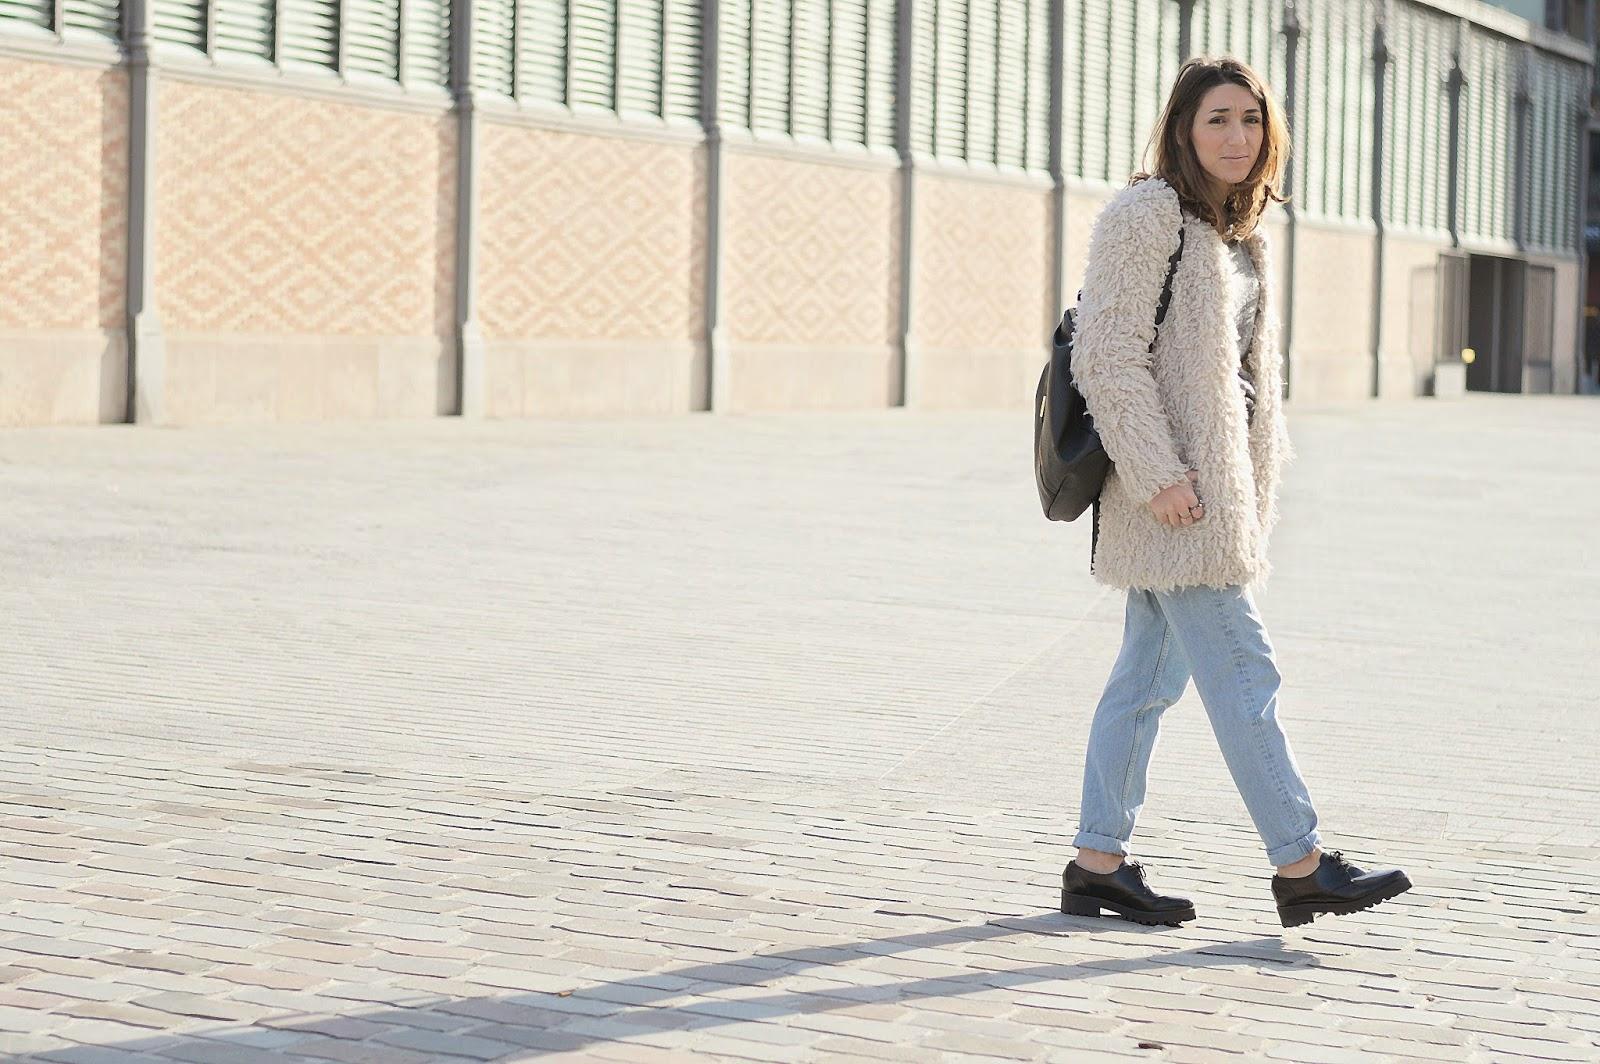 Abrigo Zara, jersey Mango, bolso Pepe Moll, zapatos Urban Outfiters